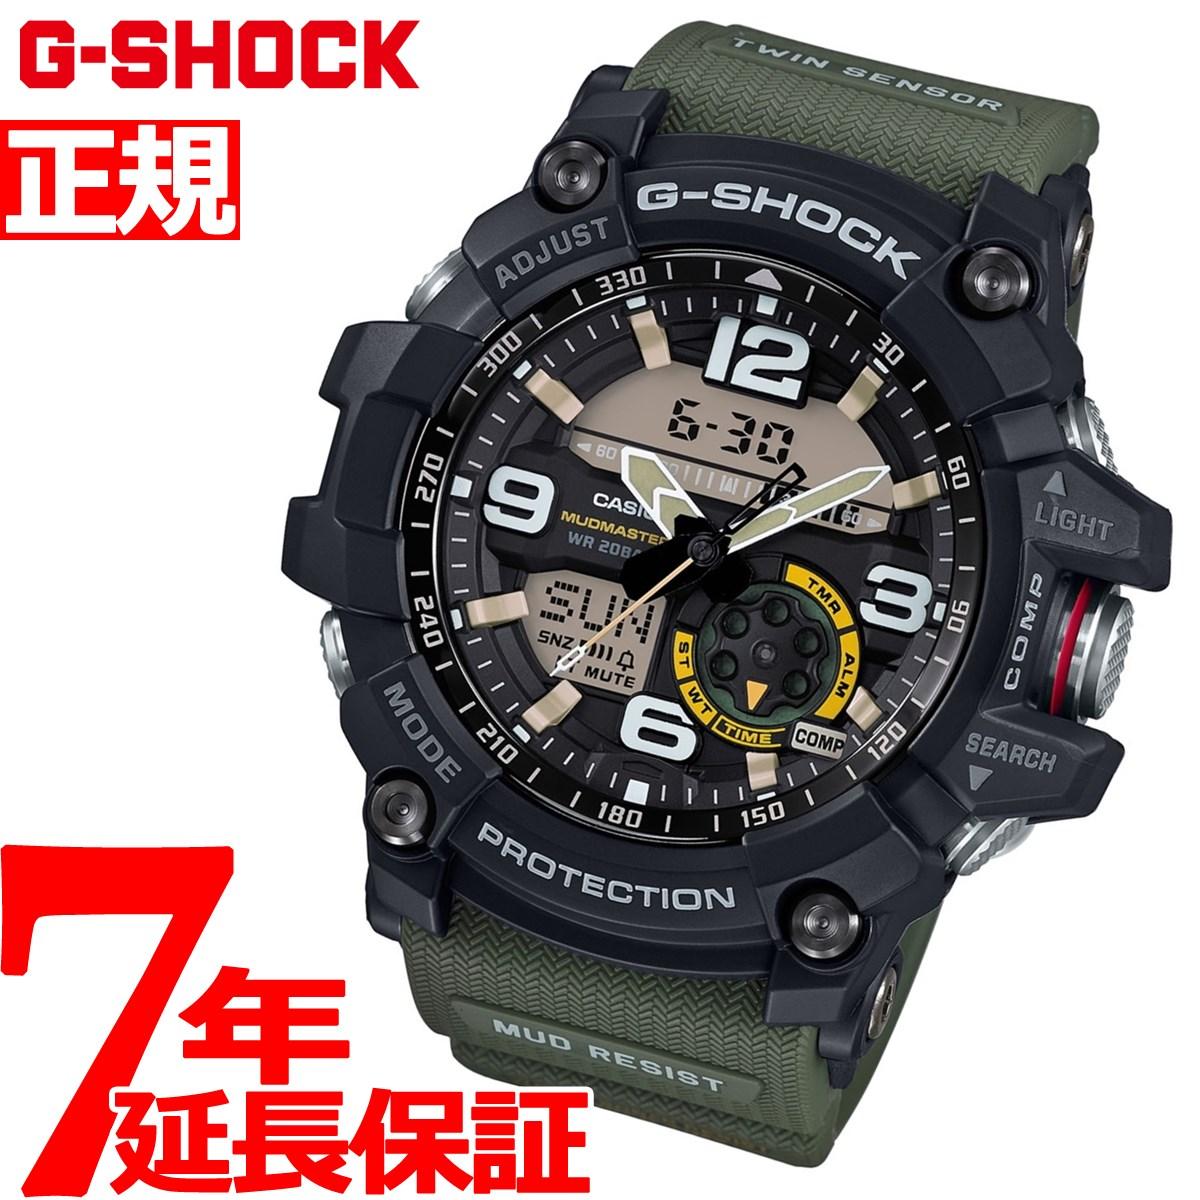 G-SHOCK MUDMASTER カシオ Gショック マッドマスター CASIO 腕時計 メンズ アナデジ GG-1000-1A3JF